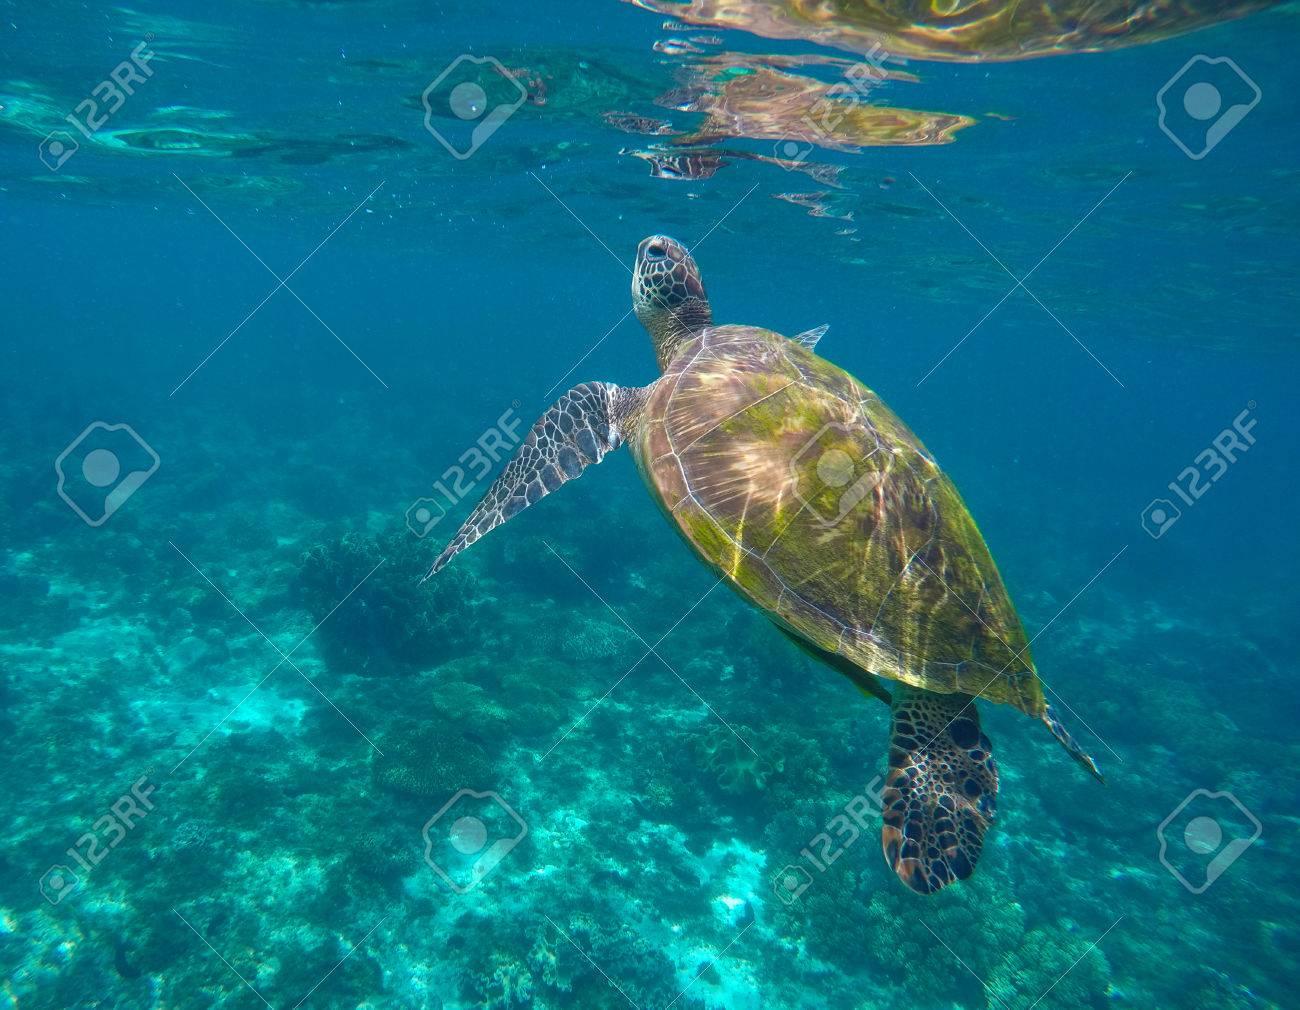 Berühmt Anatomie Der Meeresschildkröten Fotos - Anatomie Von ...